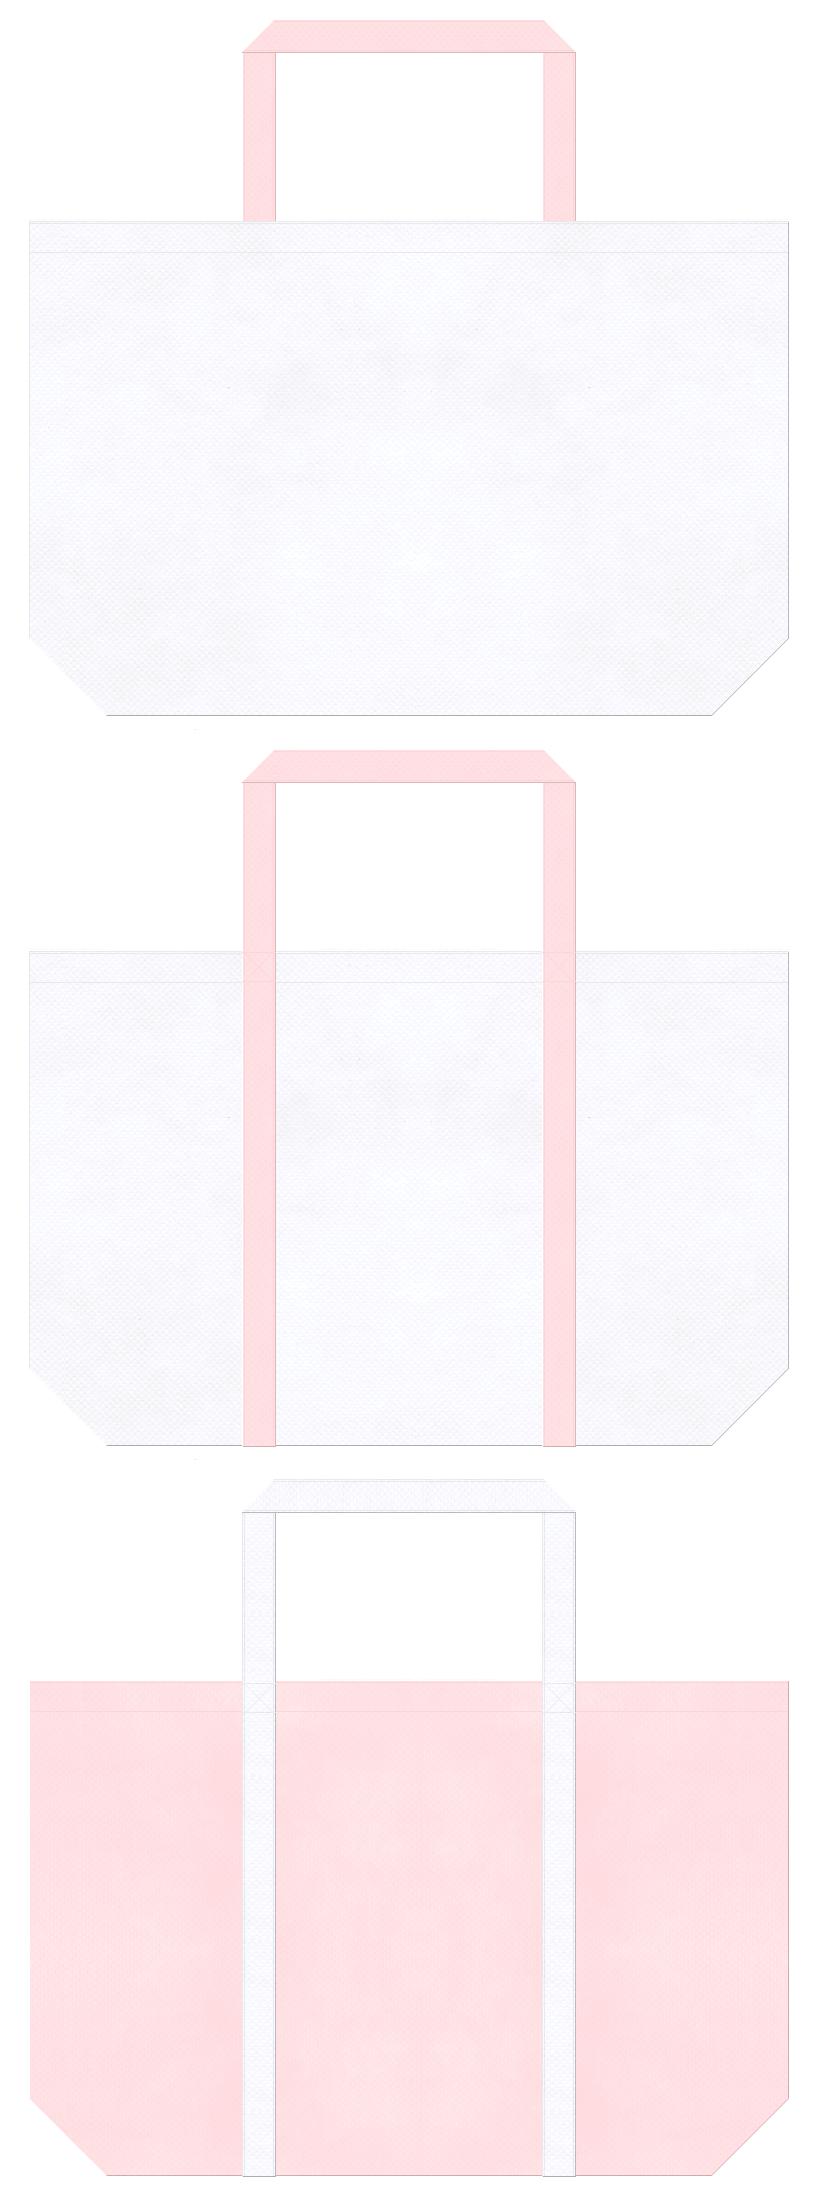 白色と桜色の不織布ショッピングバッグデザイン:医療ユニフォームの包装にお奨めの配色です。